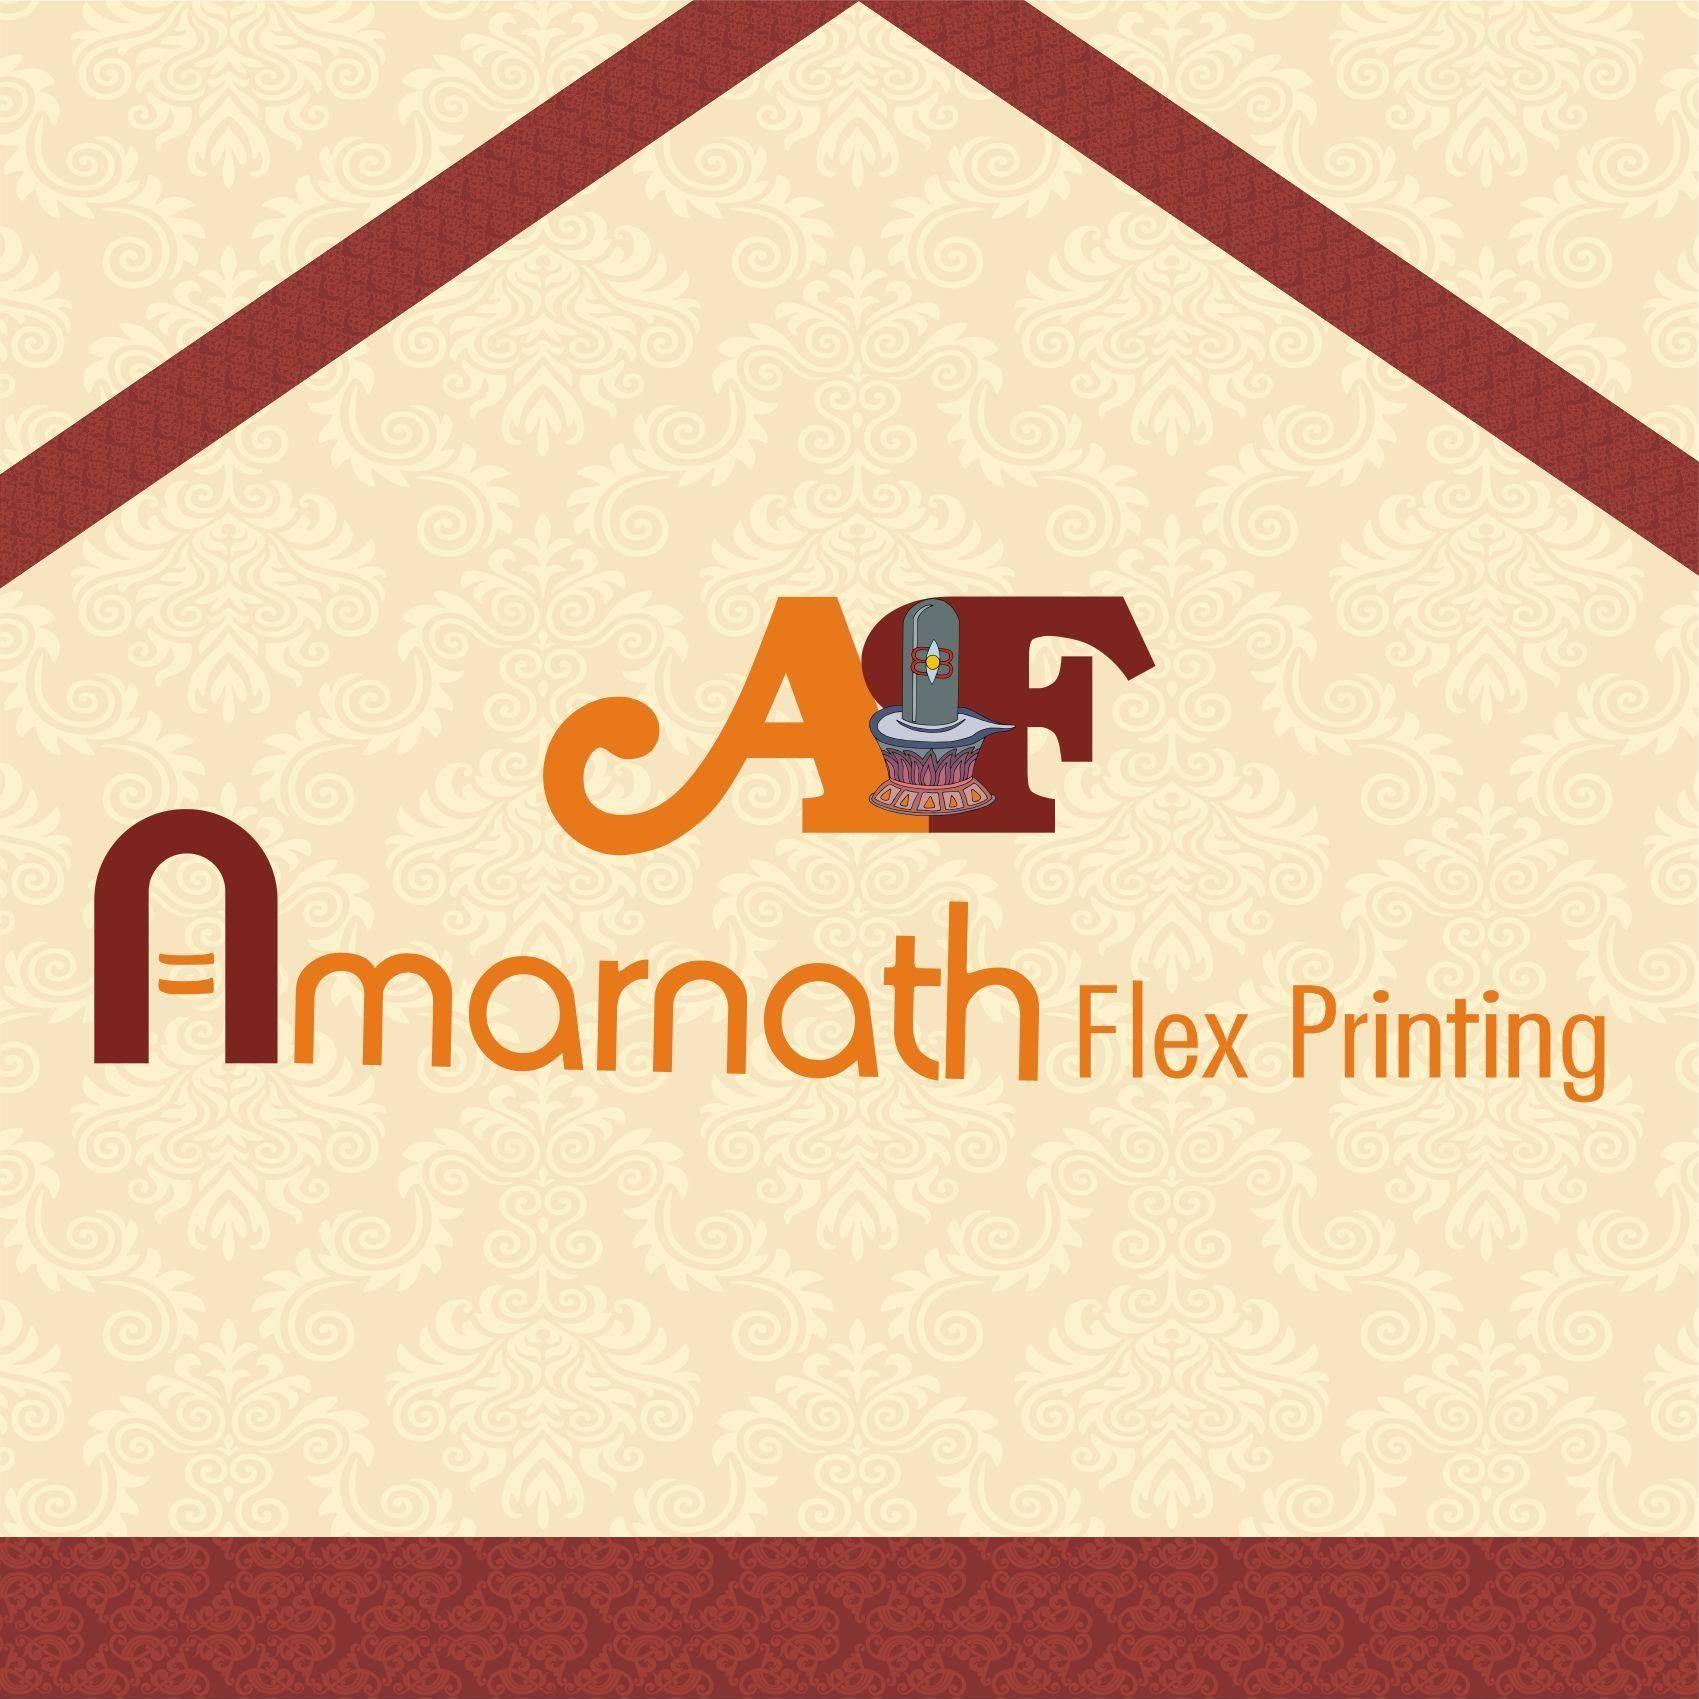 Amarnath Flex Printing